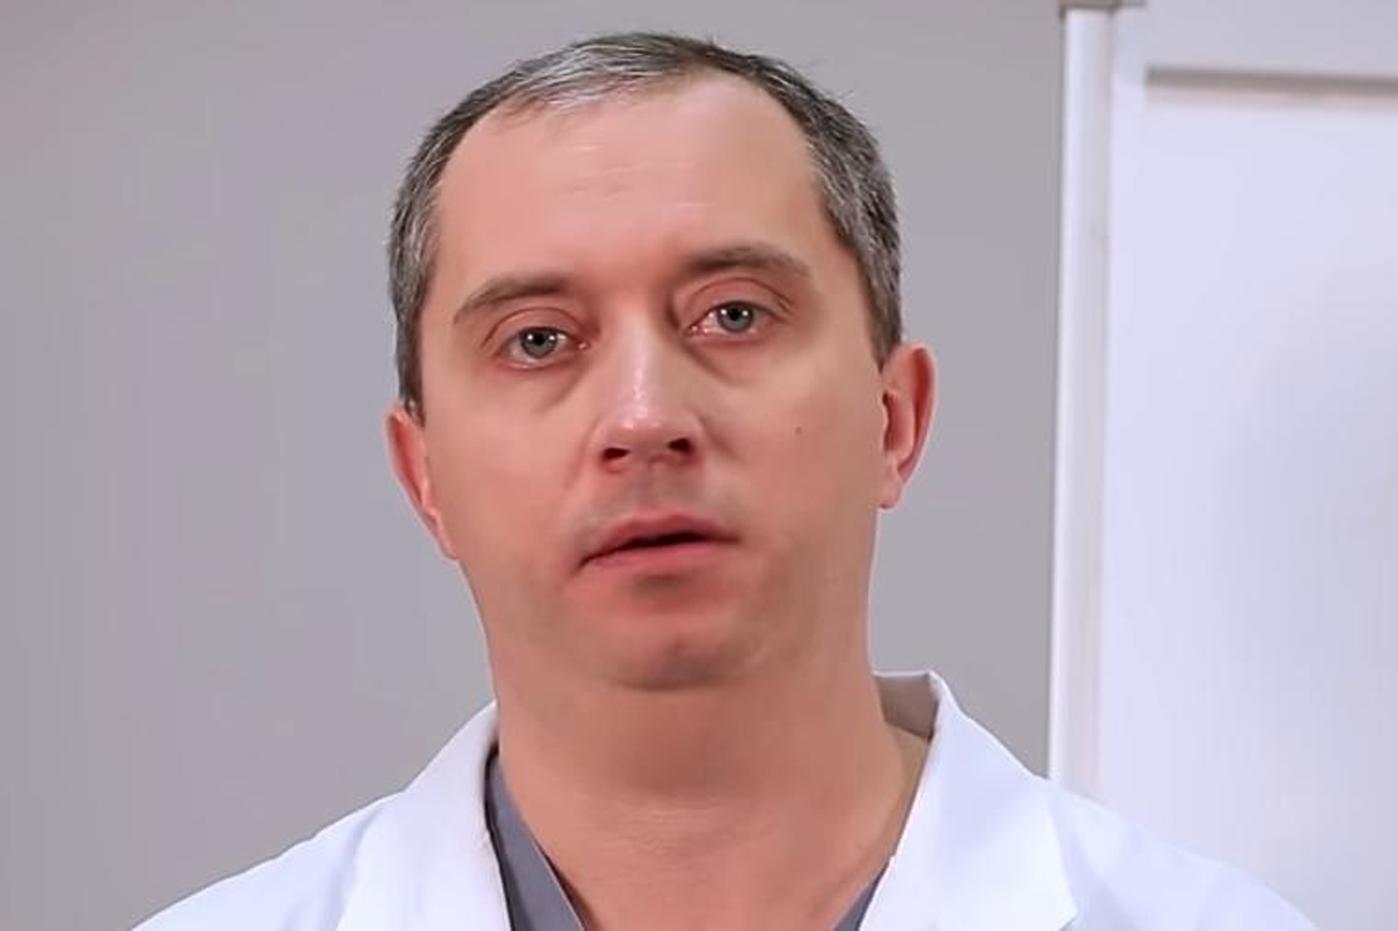 MSD priručnik dijagnostike i terapije: Arterijska hipertenzija